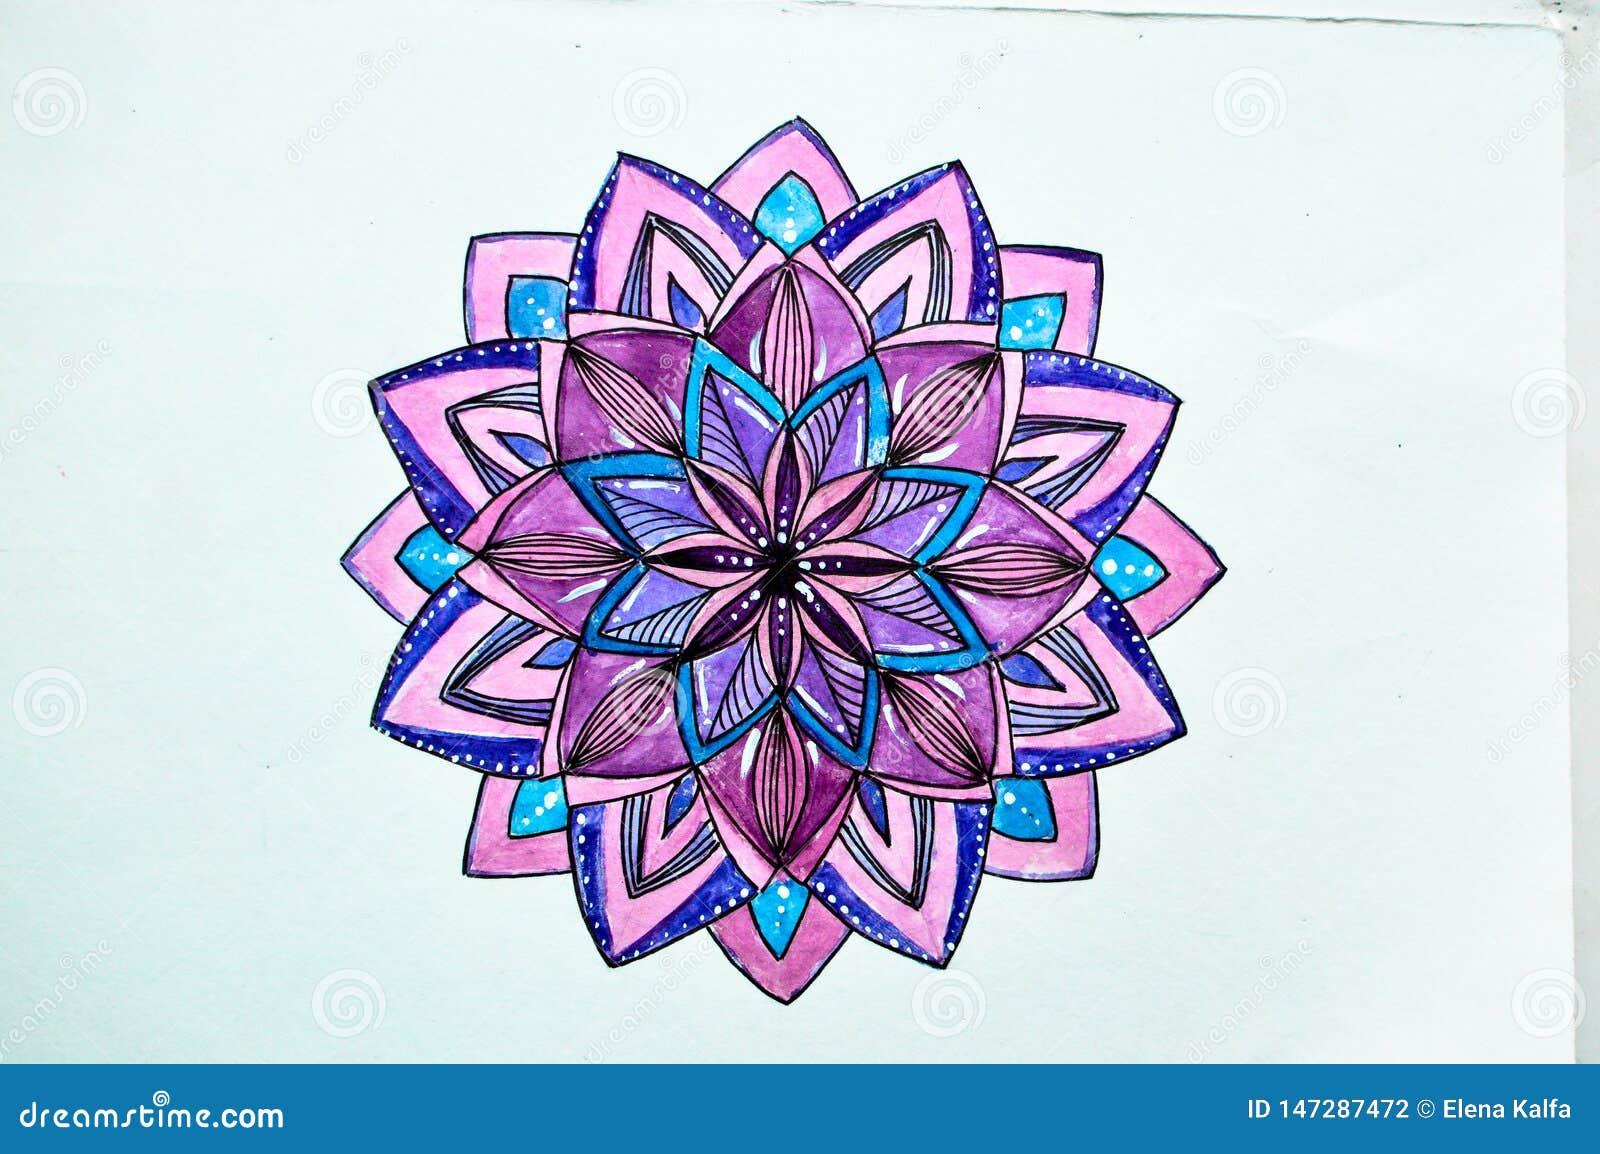 Dra vattenfärgen i stilen av zentangllilor